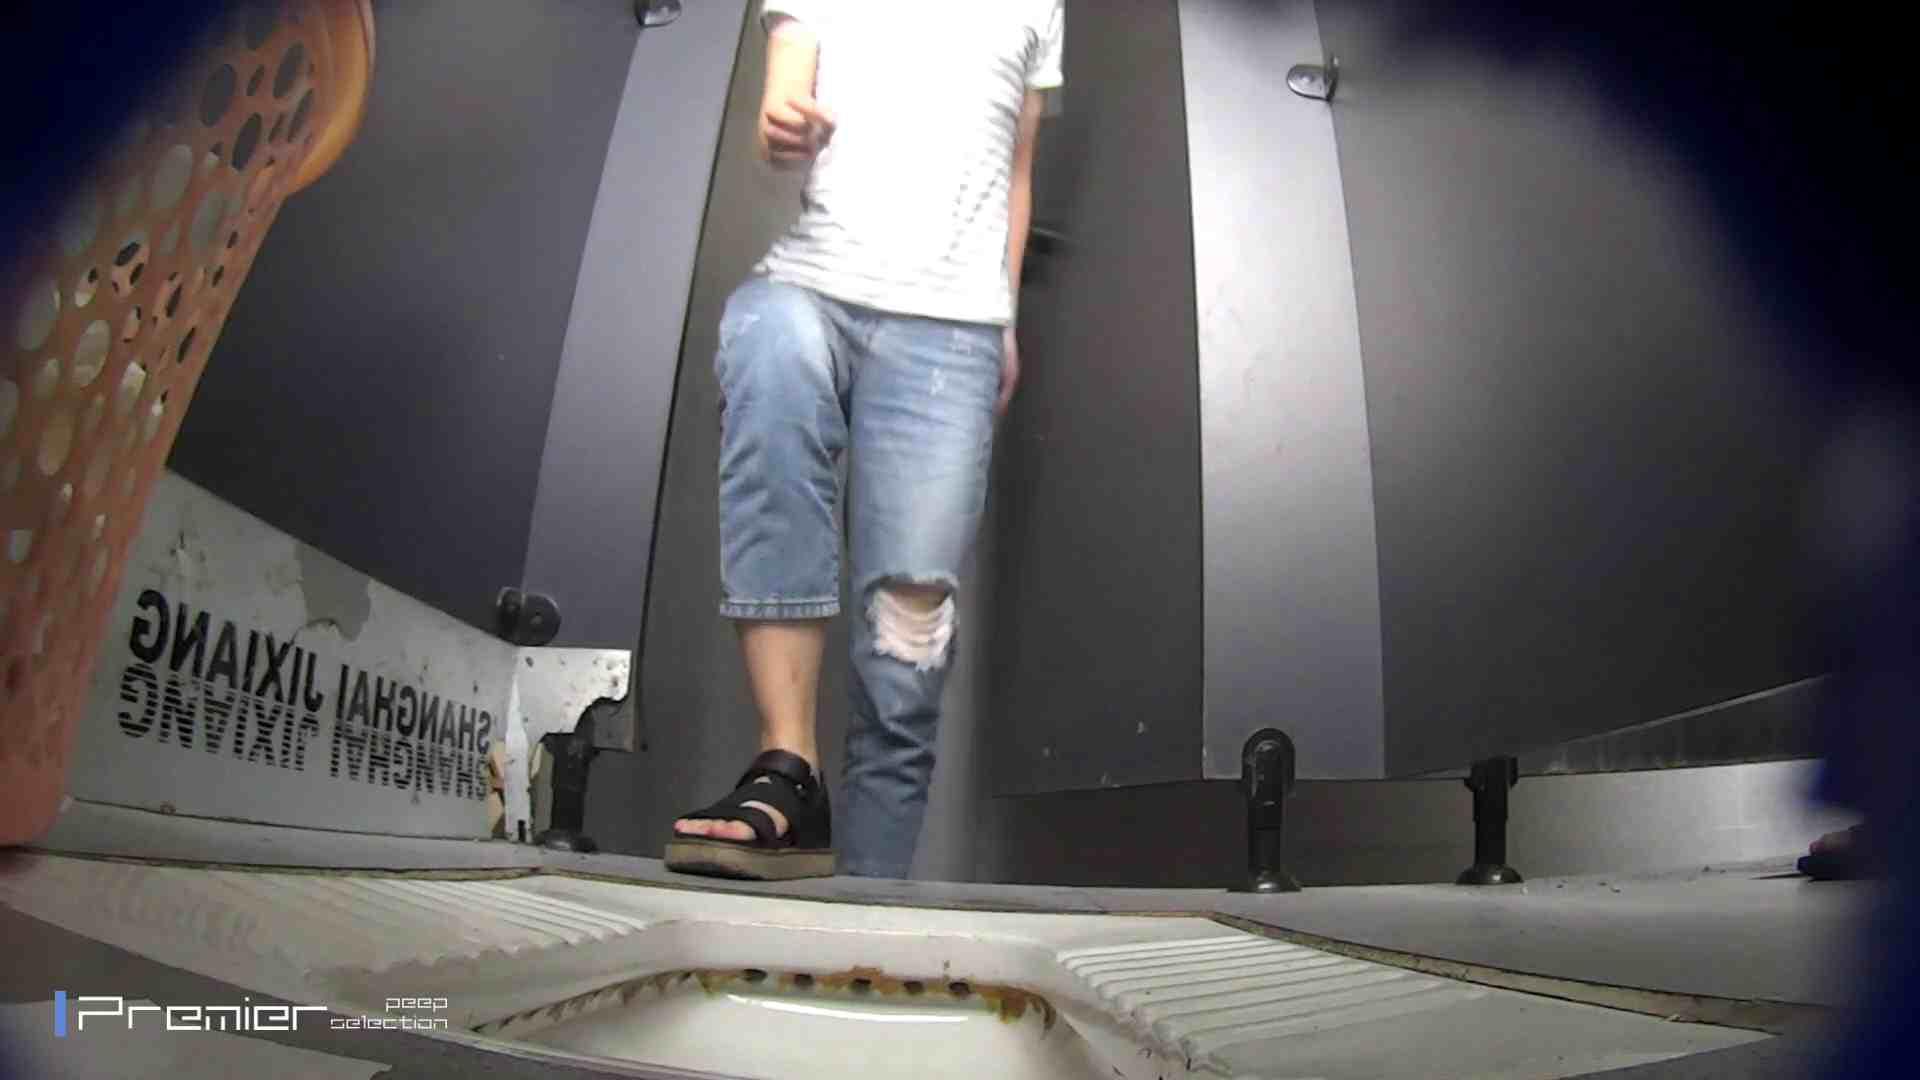 若さ溢れるギャル達のnyo  大学休憩時間の洗面所事情46 盗撮大放出 エロ無料画像 74連発 58